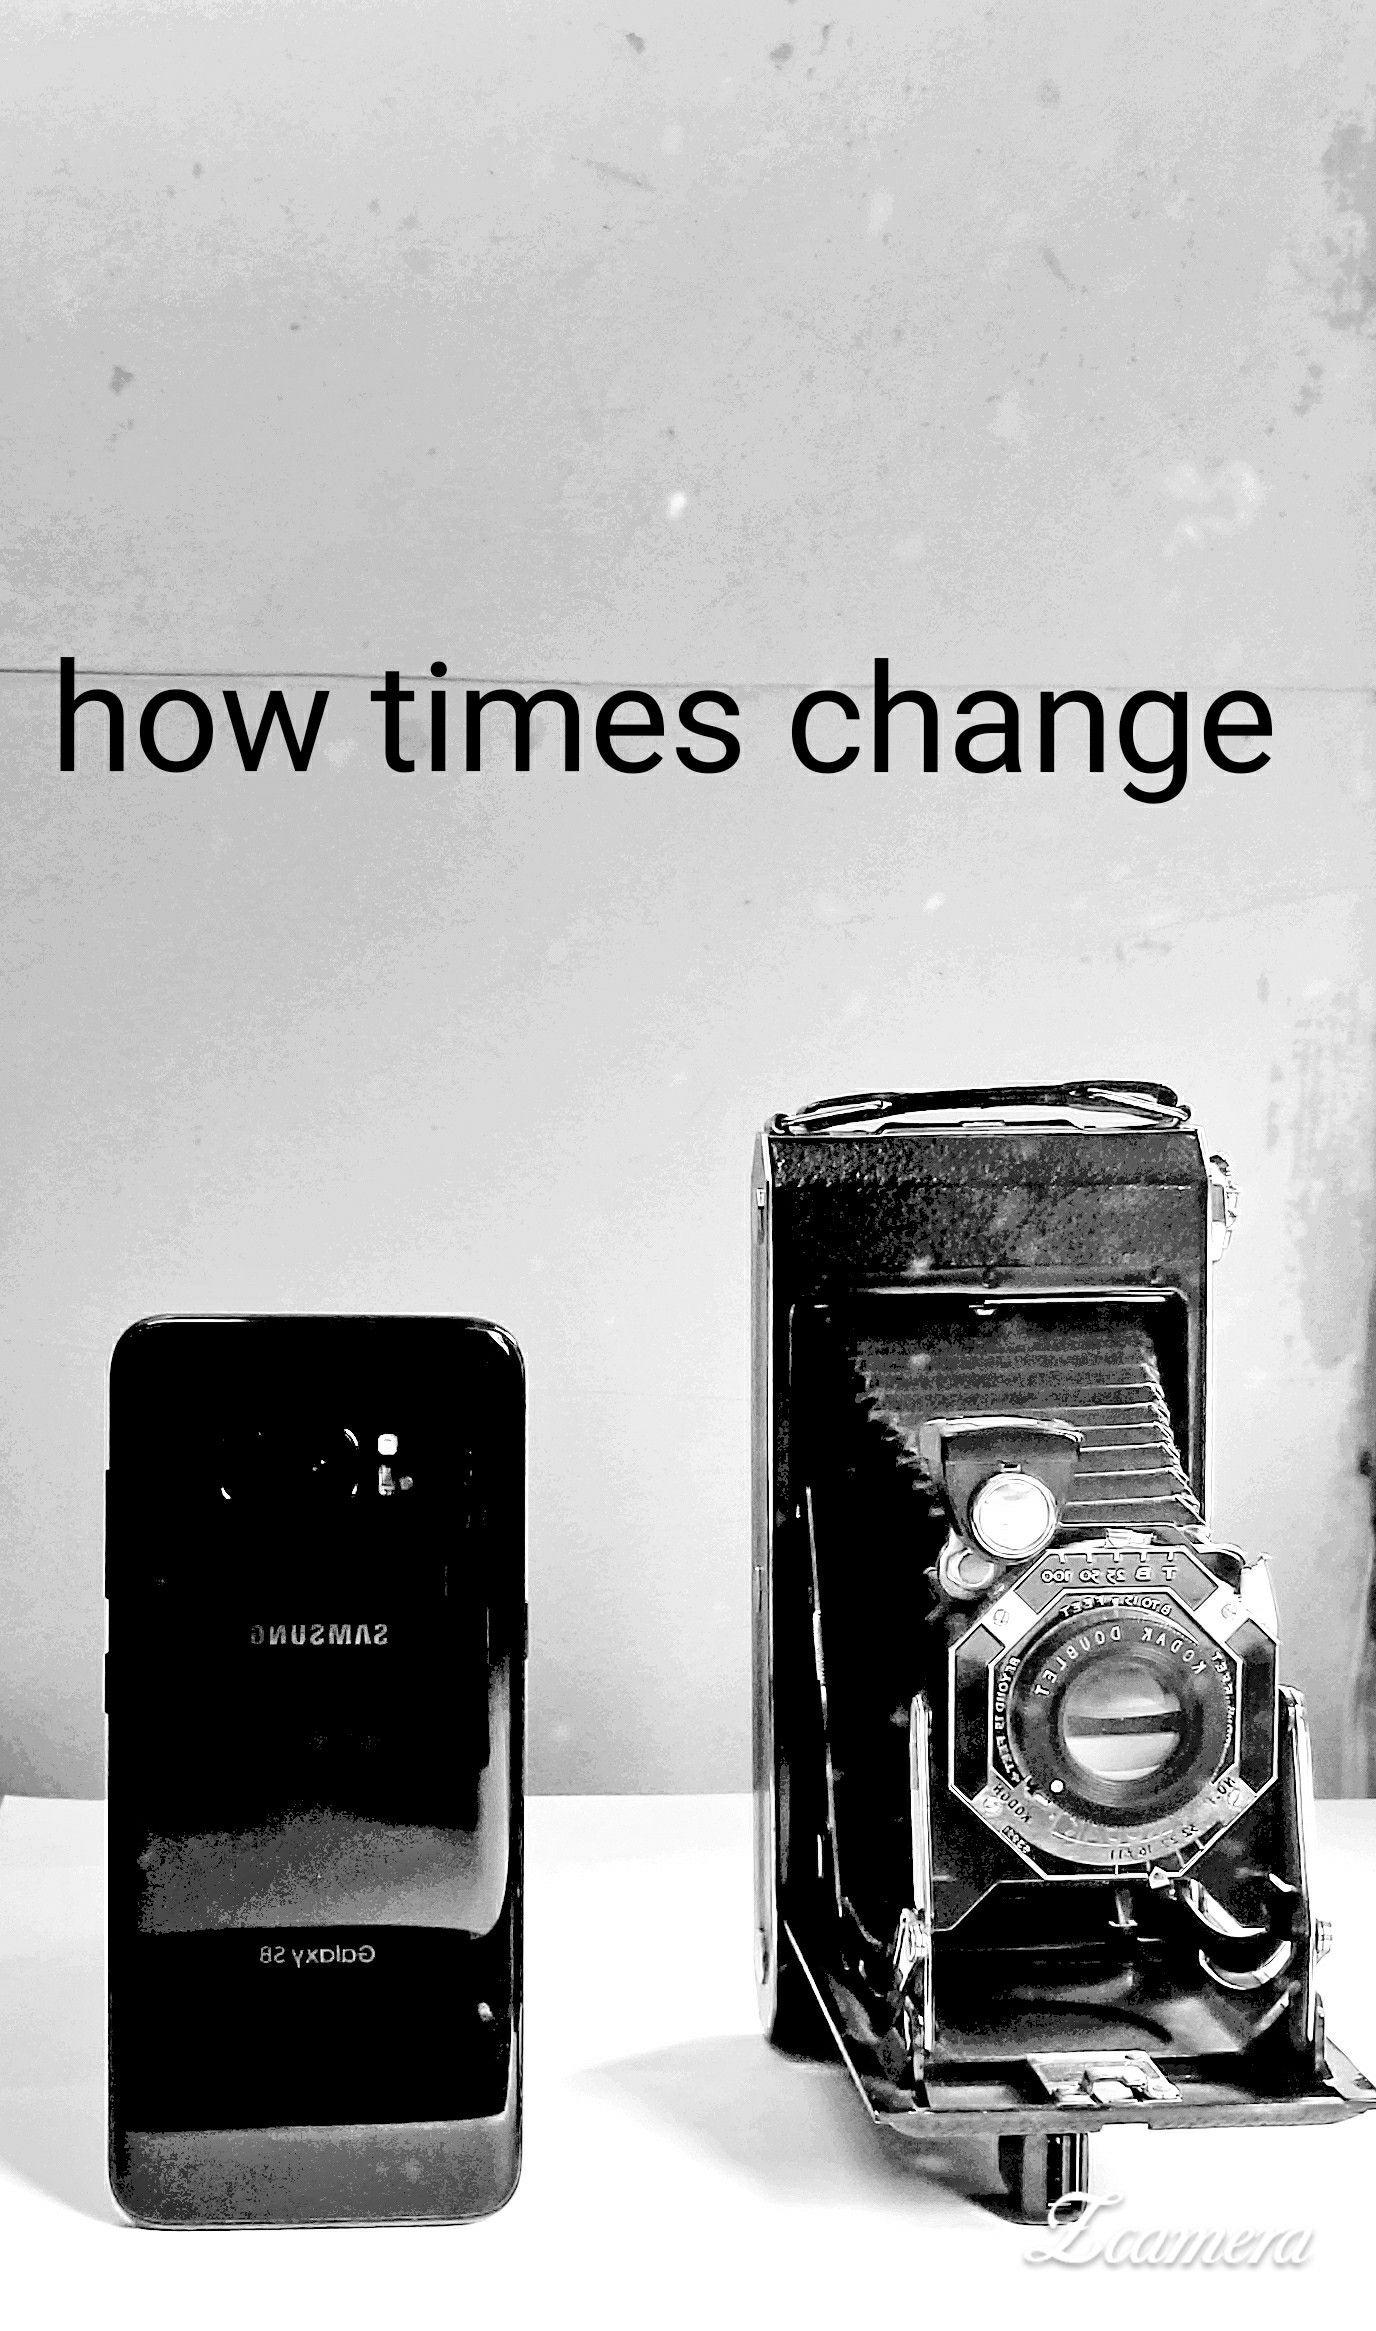 1937 Kodak six 16 & 2017 Samsung galaxy s8